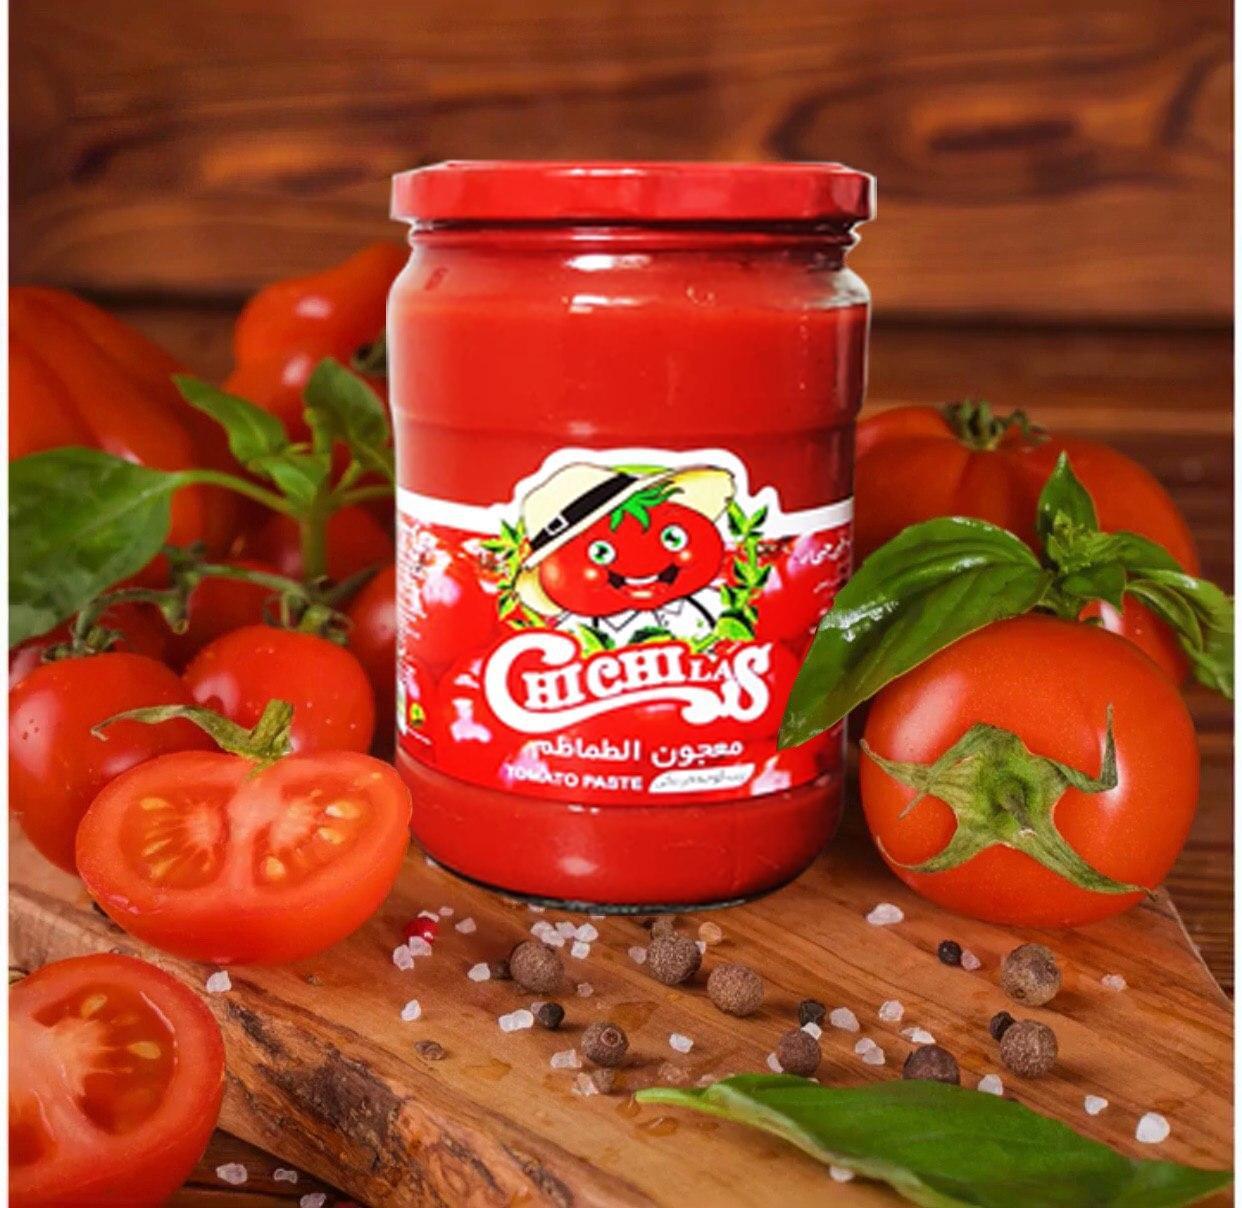 رب گوجه فرنگی شیشه 1550 گرمی چی چی لاس